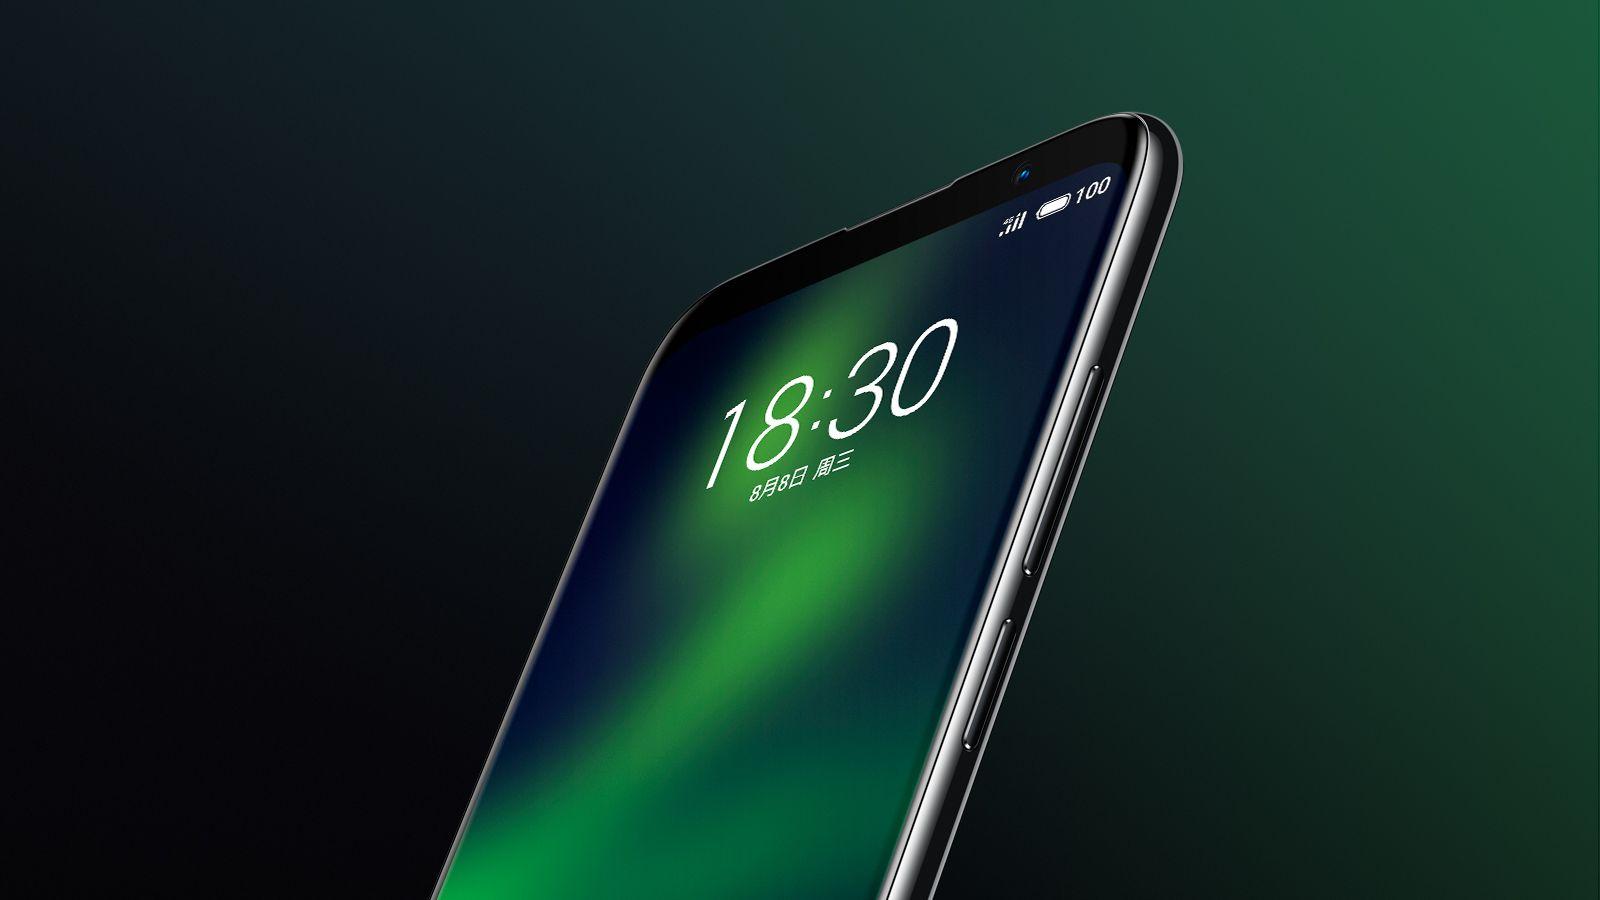 Meizu 16/Meizu 16 Plusの正確なバッテリー容量をCEOが公開